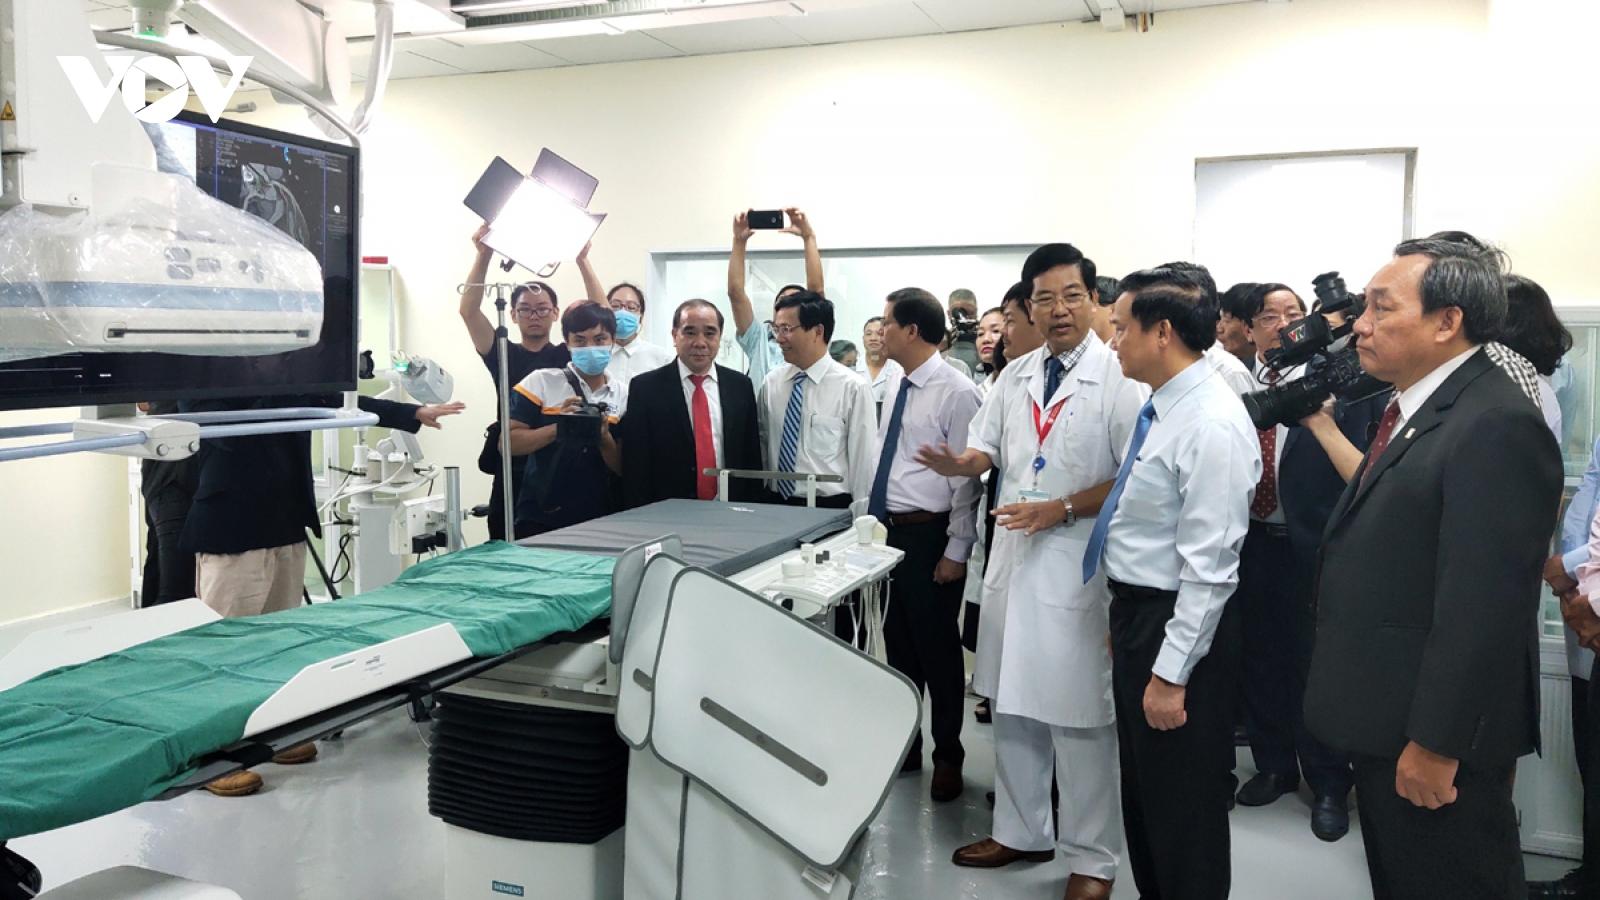 Bệnh viện Đa khoa Khánh Hòa đưa vào sử dụngmáy chụp mạch máu xóa nền